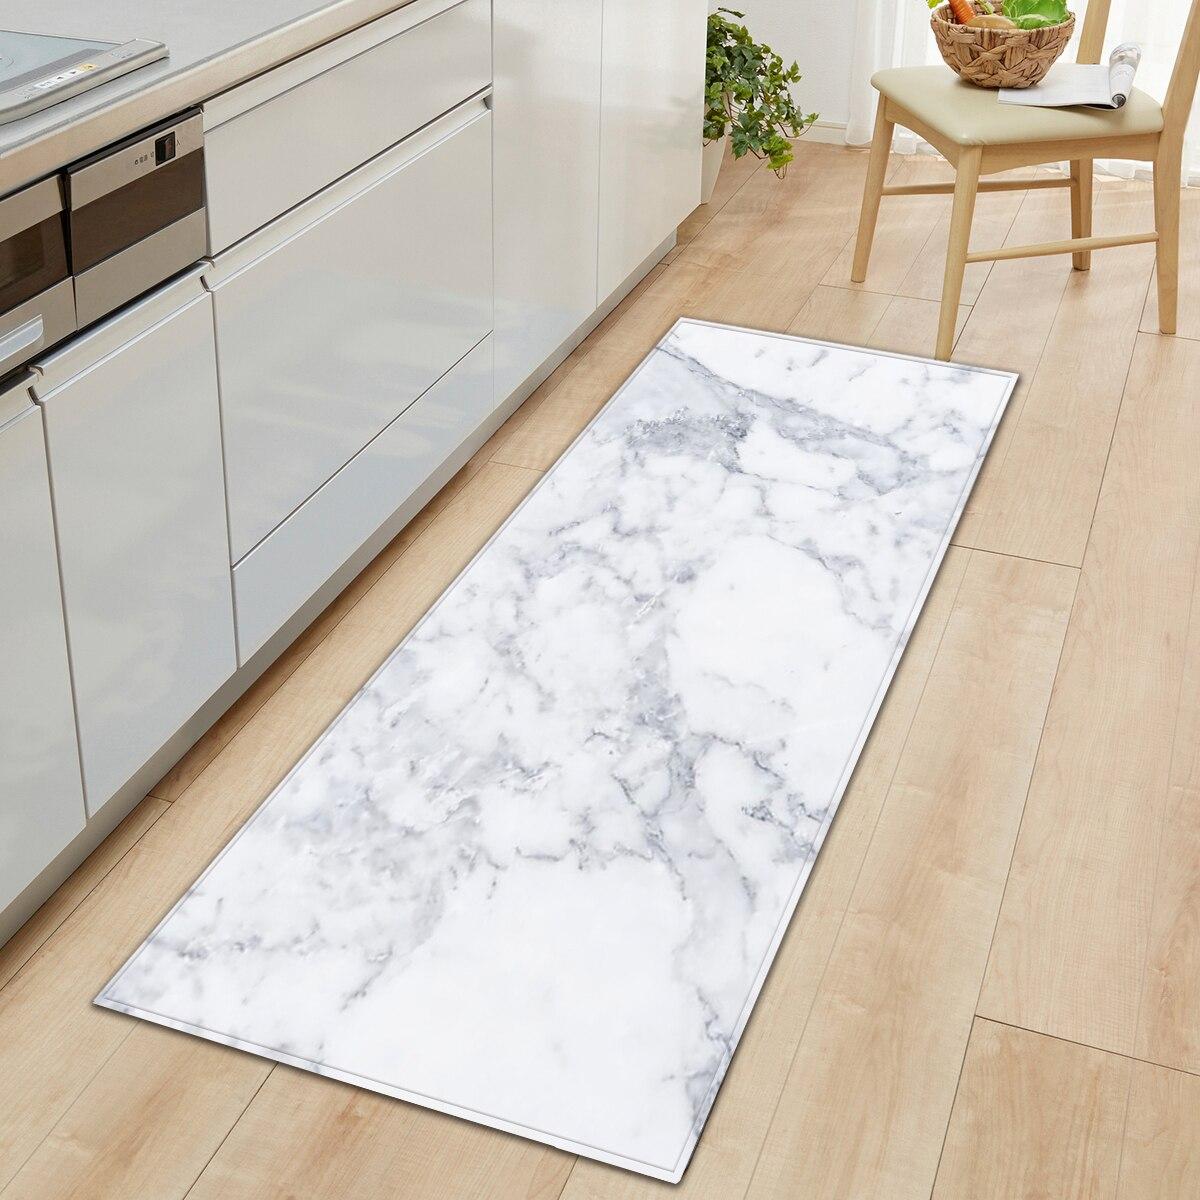 Alfombrilla de suelo con estampado de mármol, alfombrillas antideslizantes para la cocina de los salones, alfombrillas para la puerta, decoración de entrada, alfombra